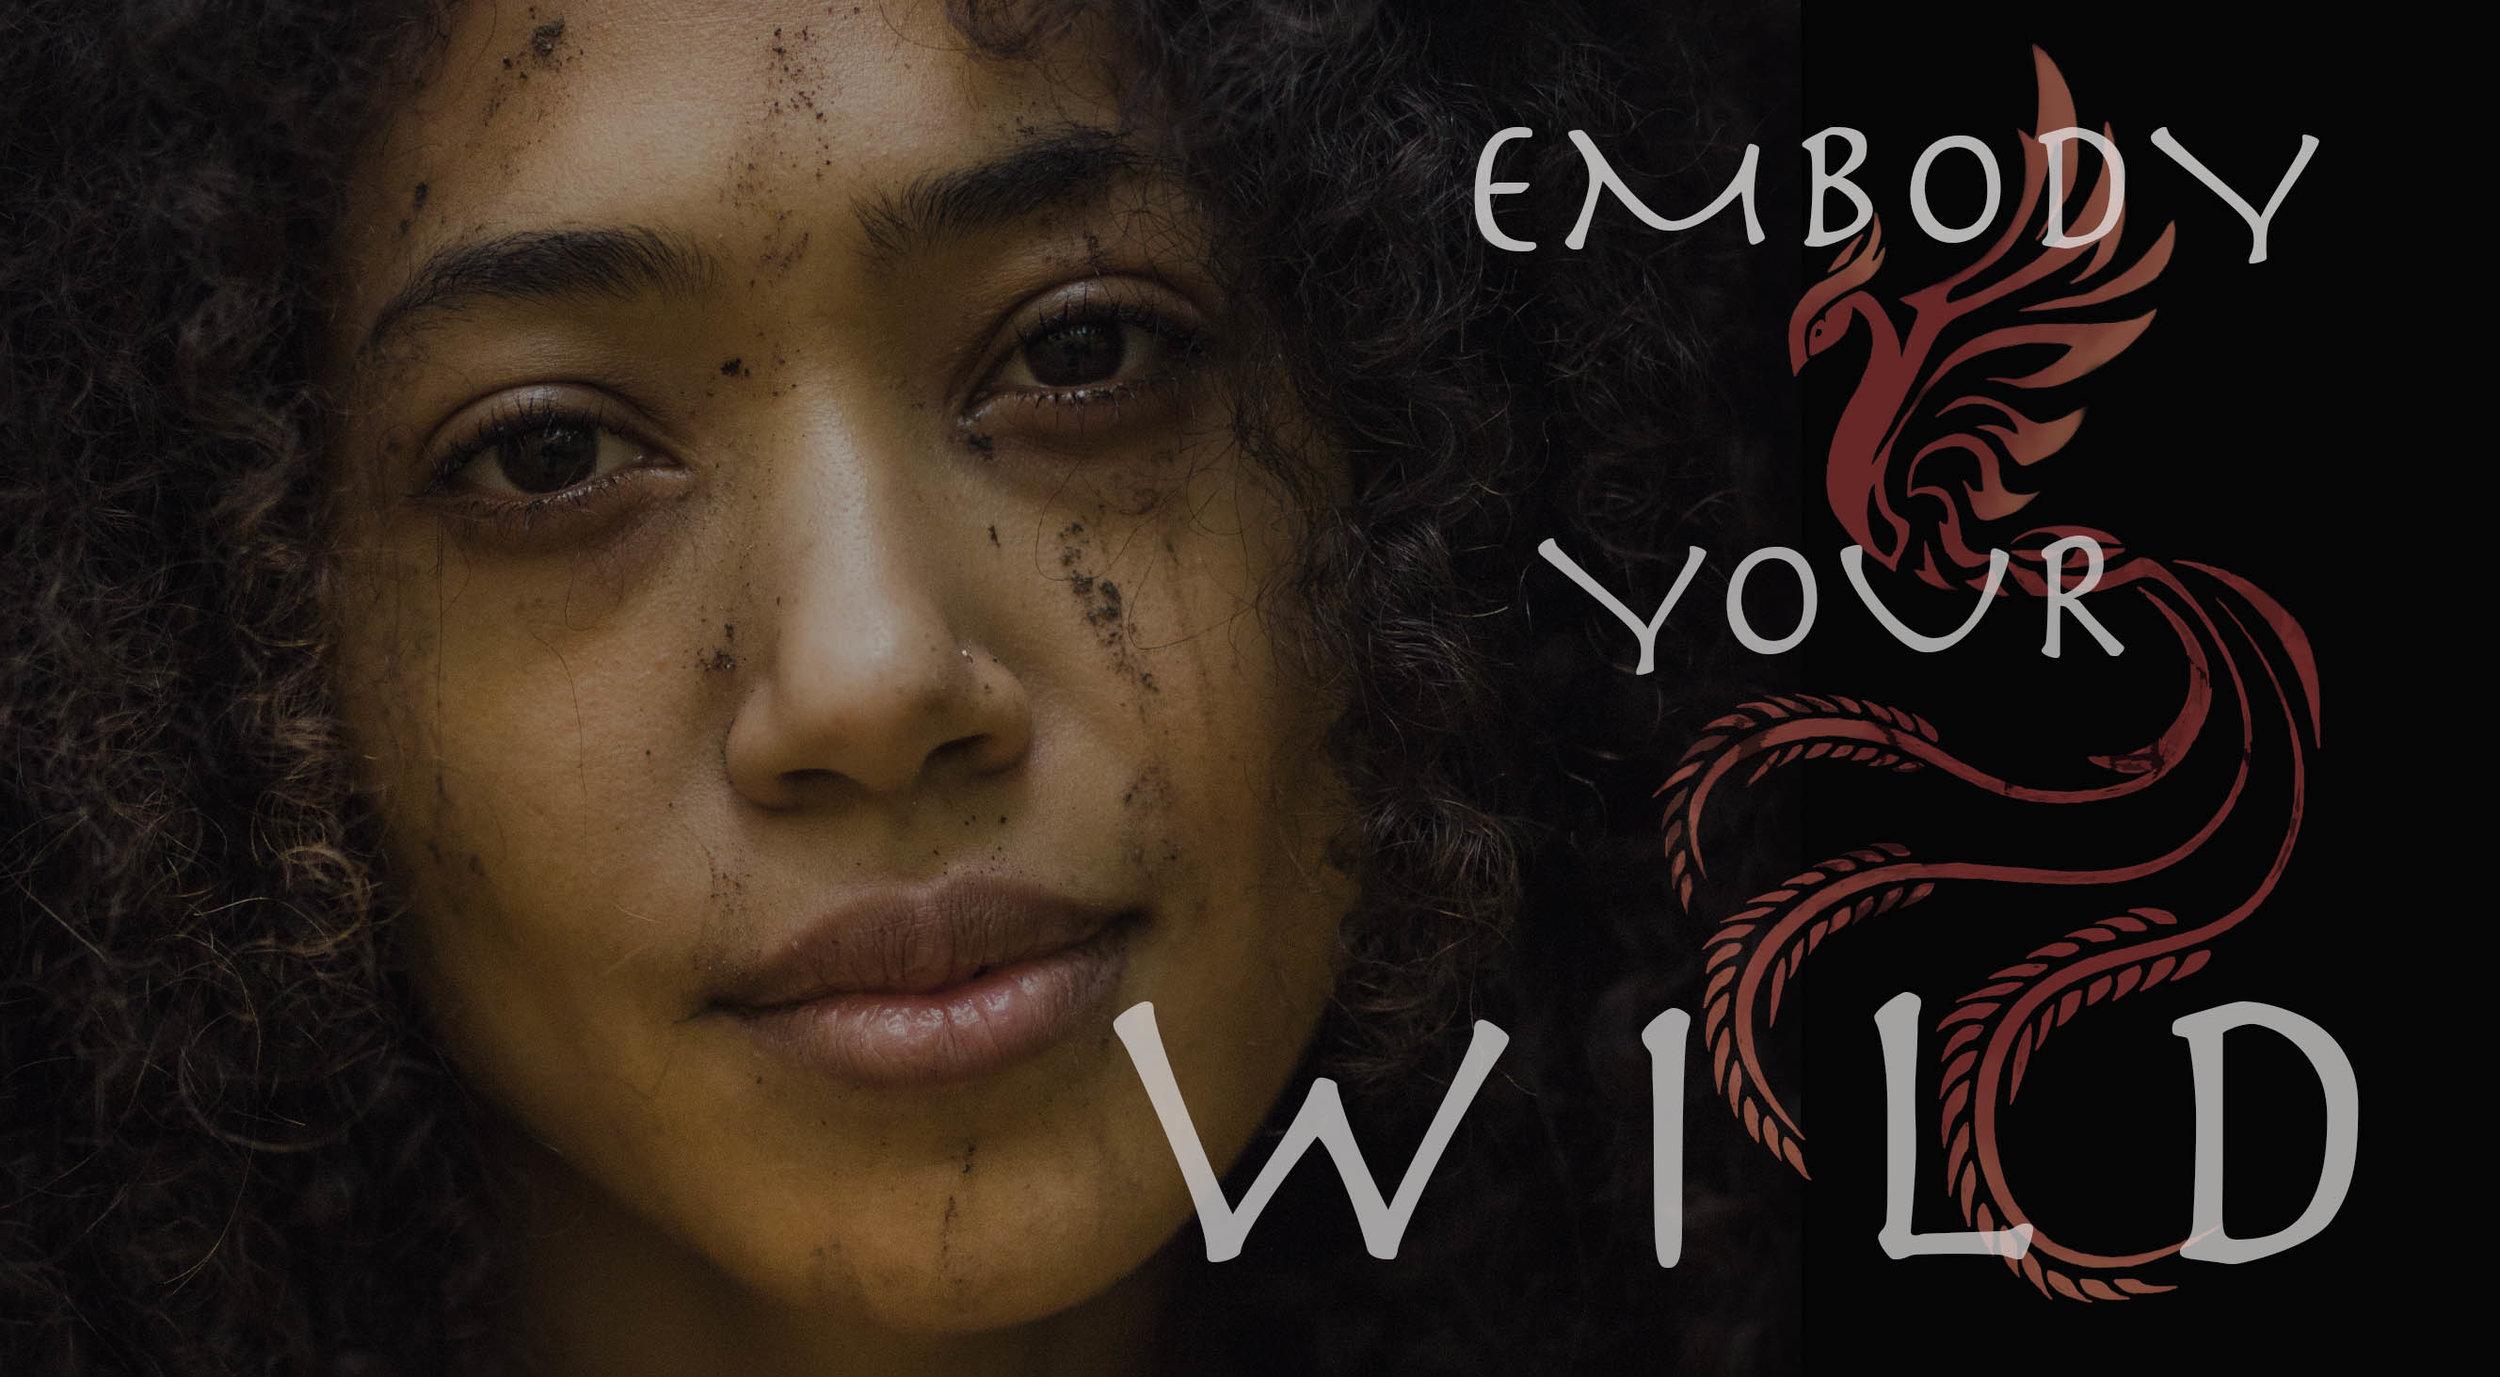 EmbodyWild3.jpg